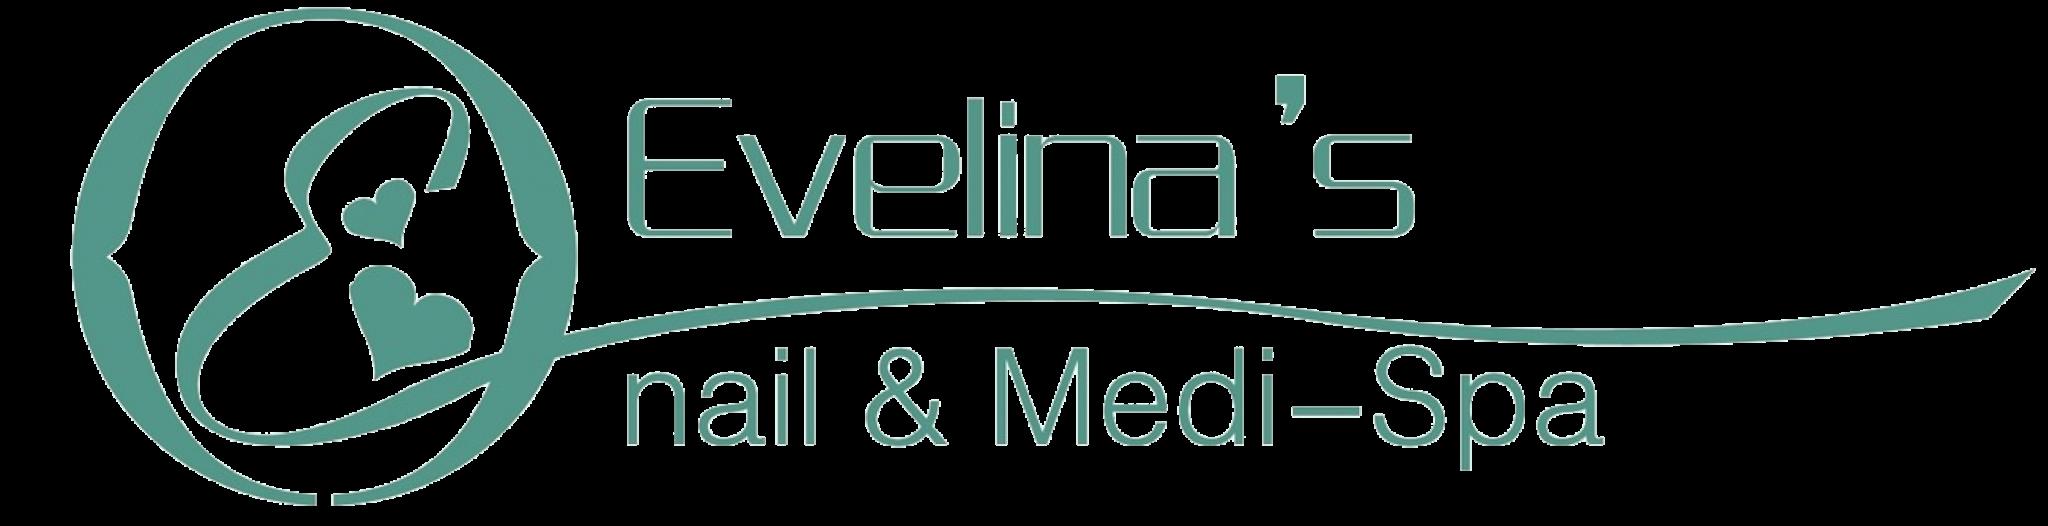 Evelina's Nail & Medi-Spa